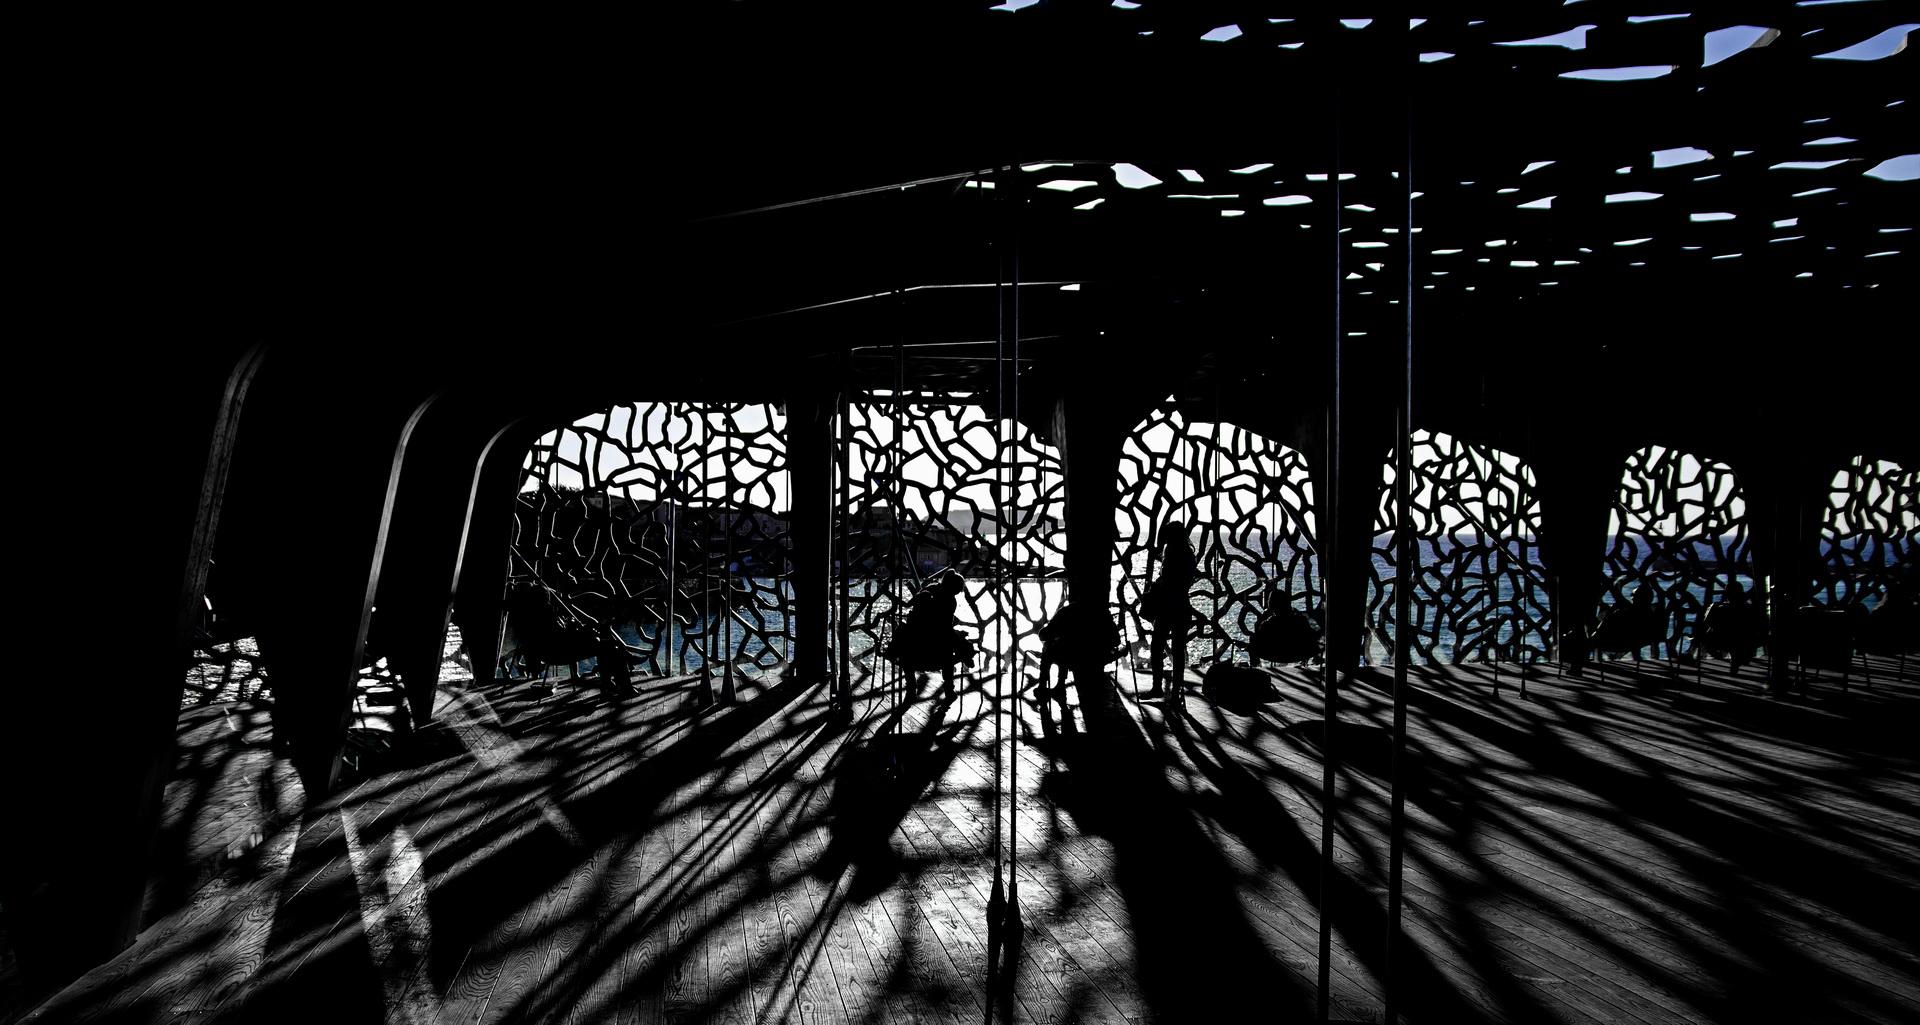 Illustration milieu urbain - Photographie Fine Art - La nuit des musées